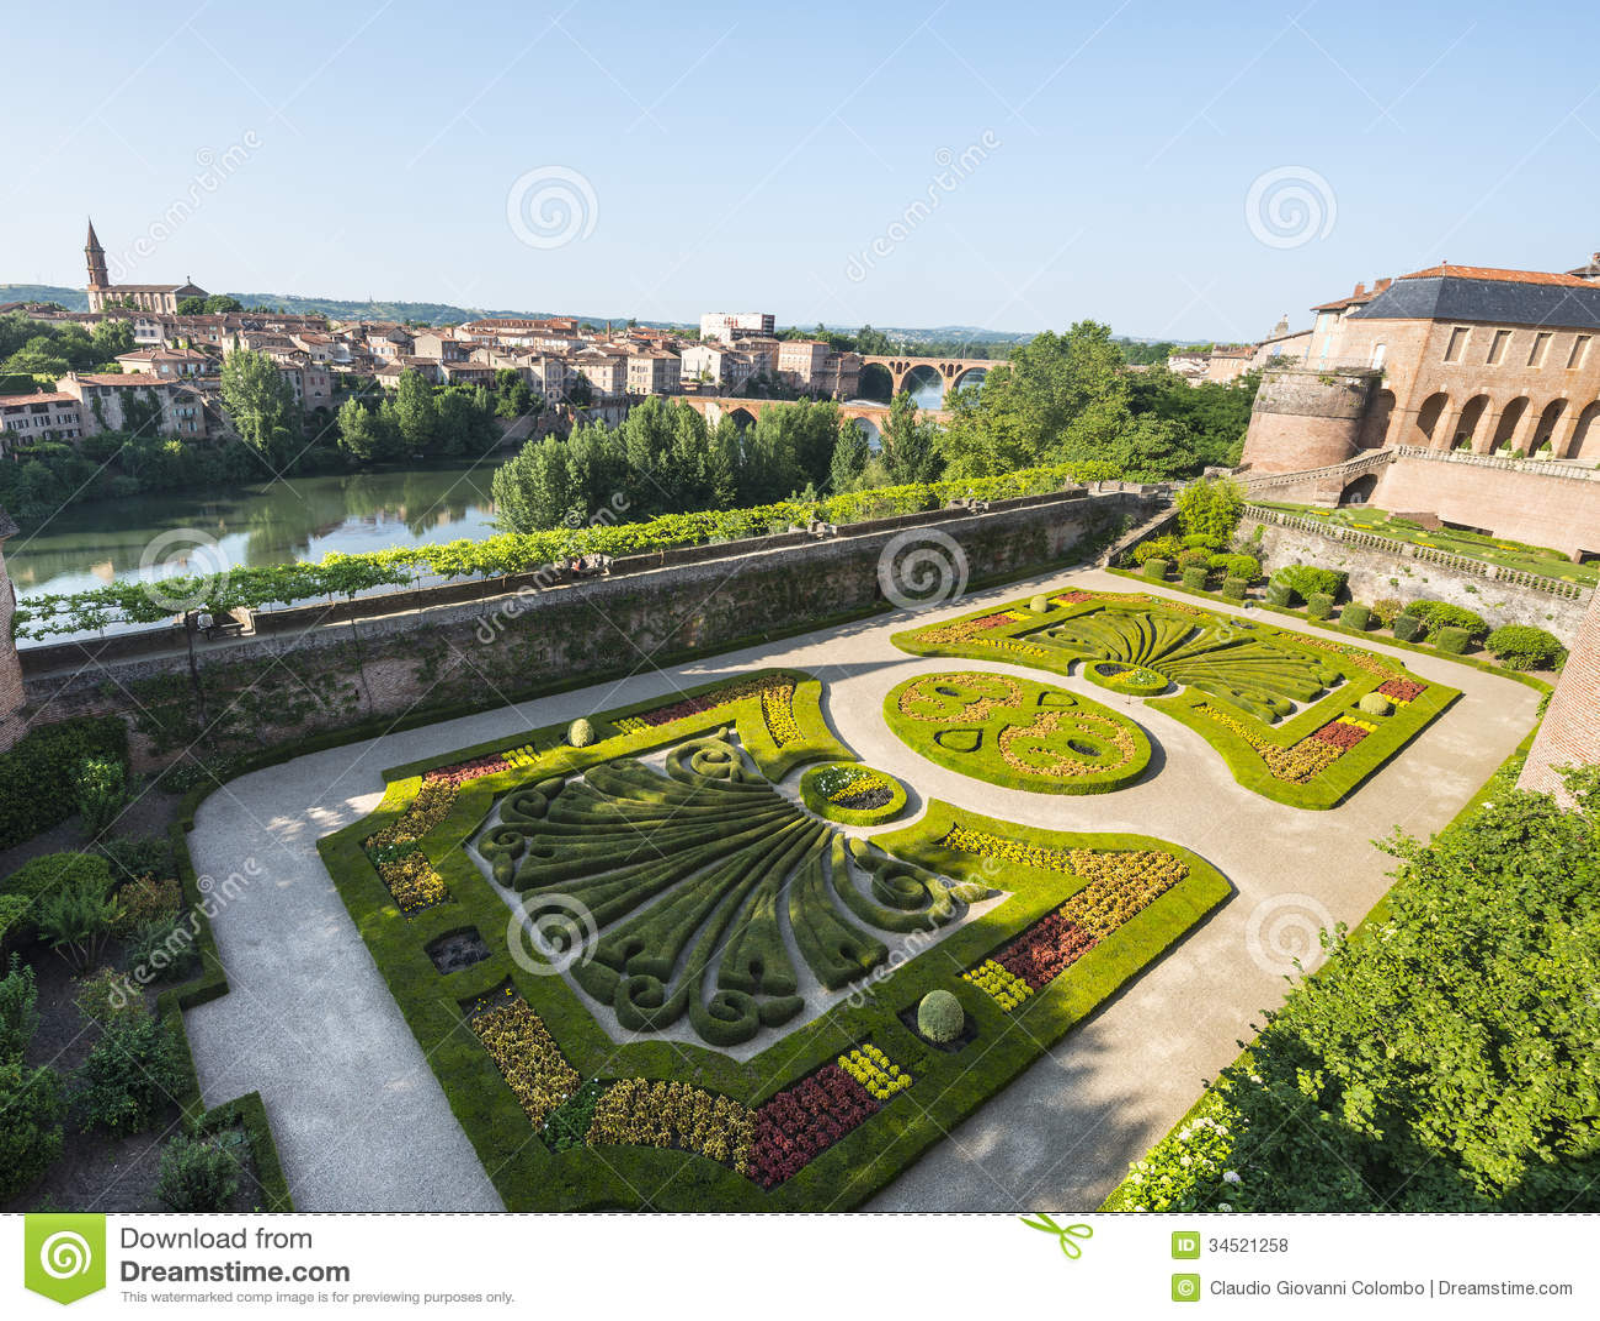 Albi palais de la berbie jardin photos libres de droits for Le jardin des 4 saisons albi